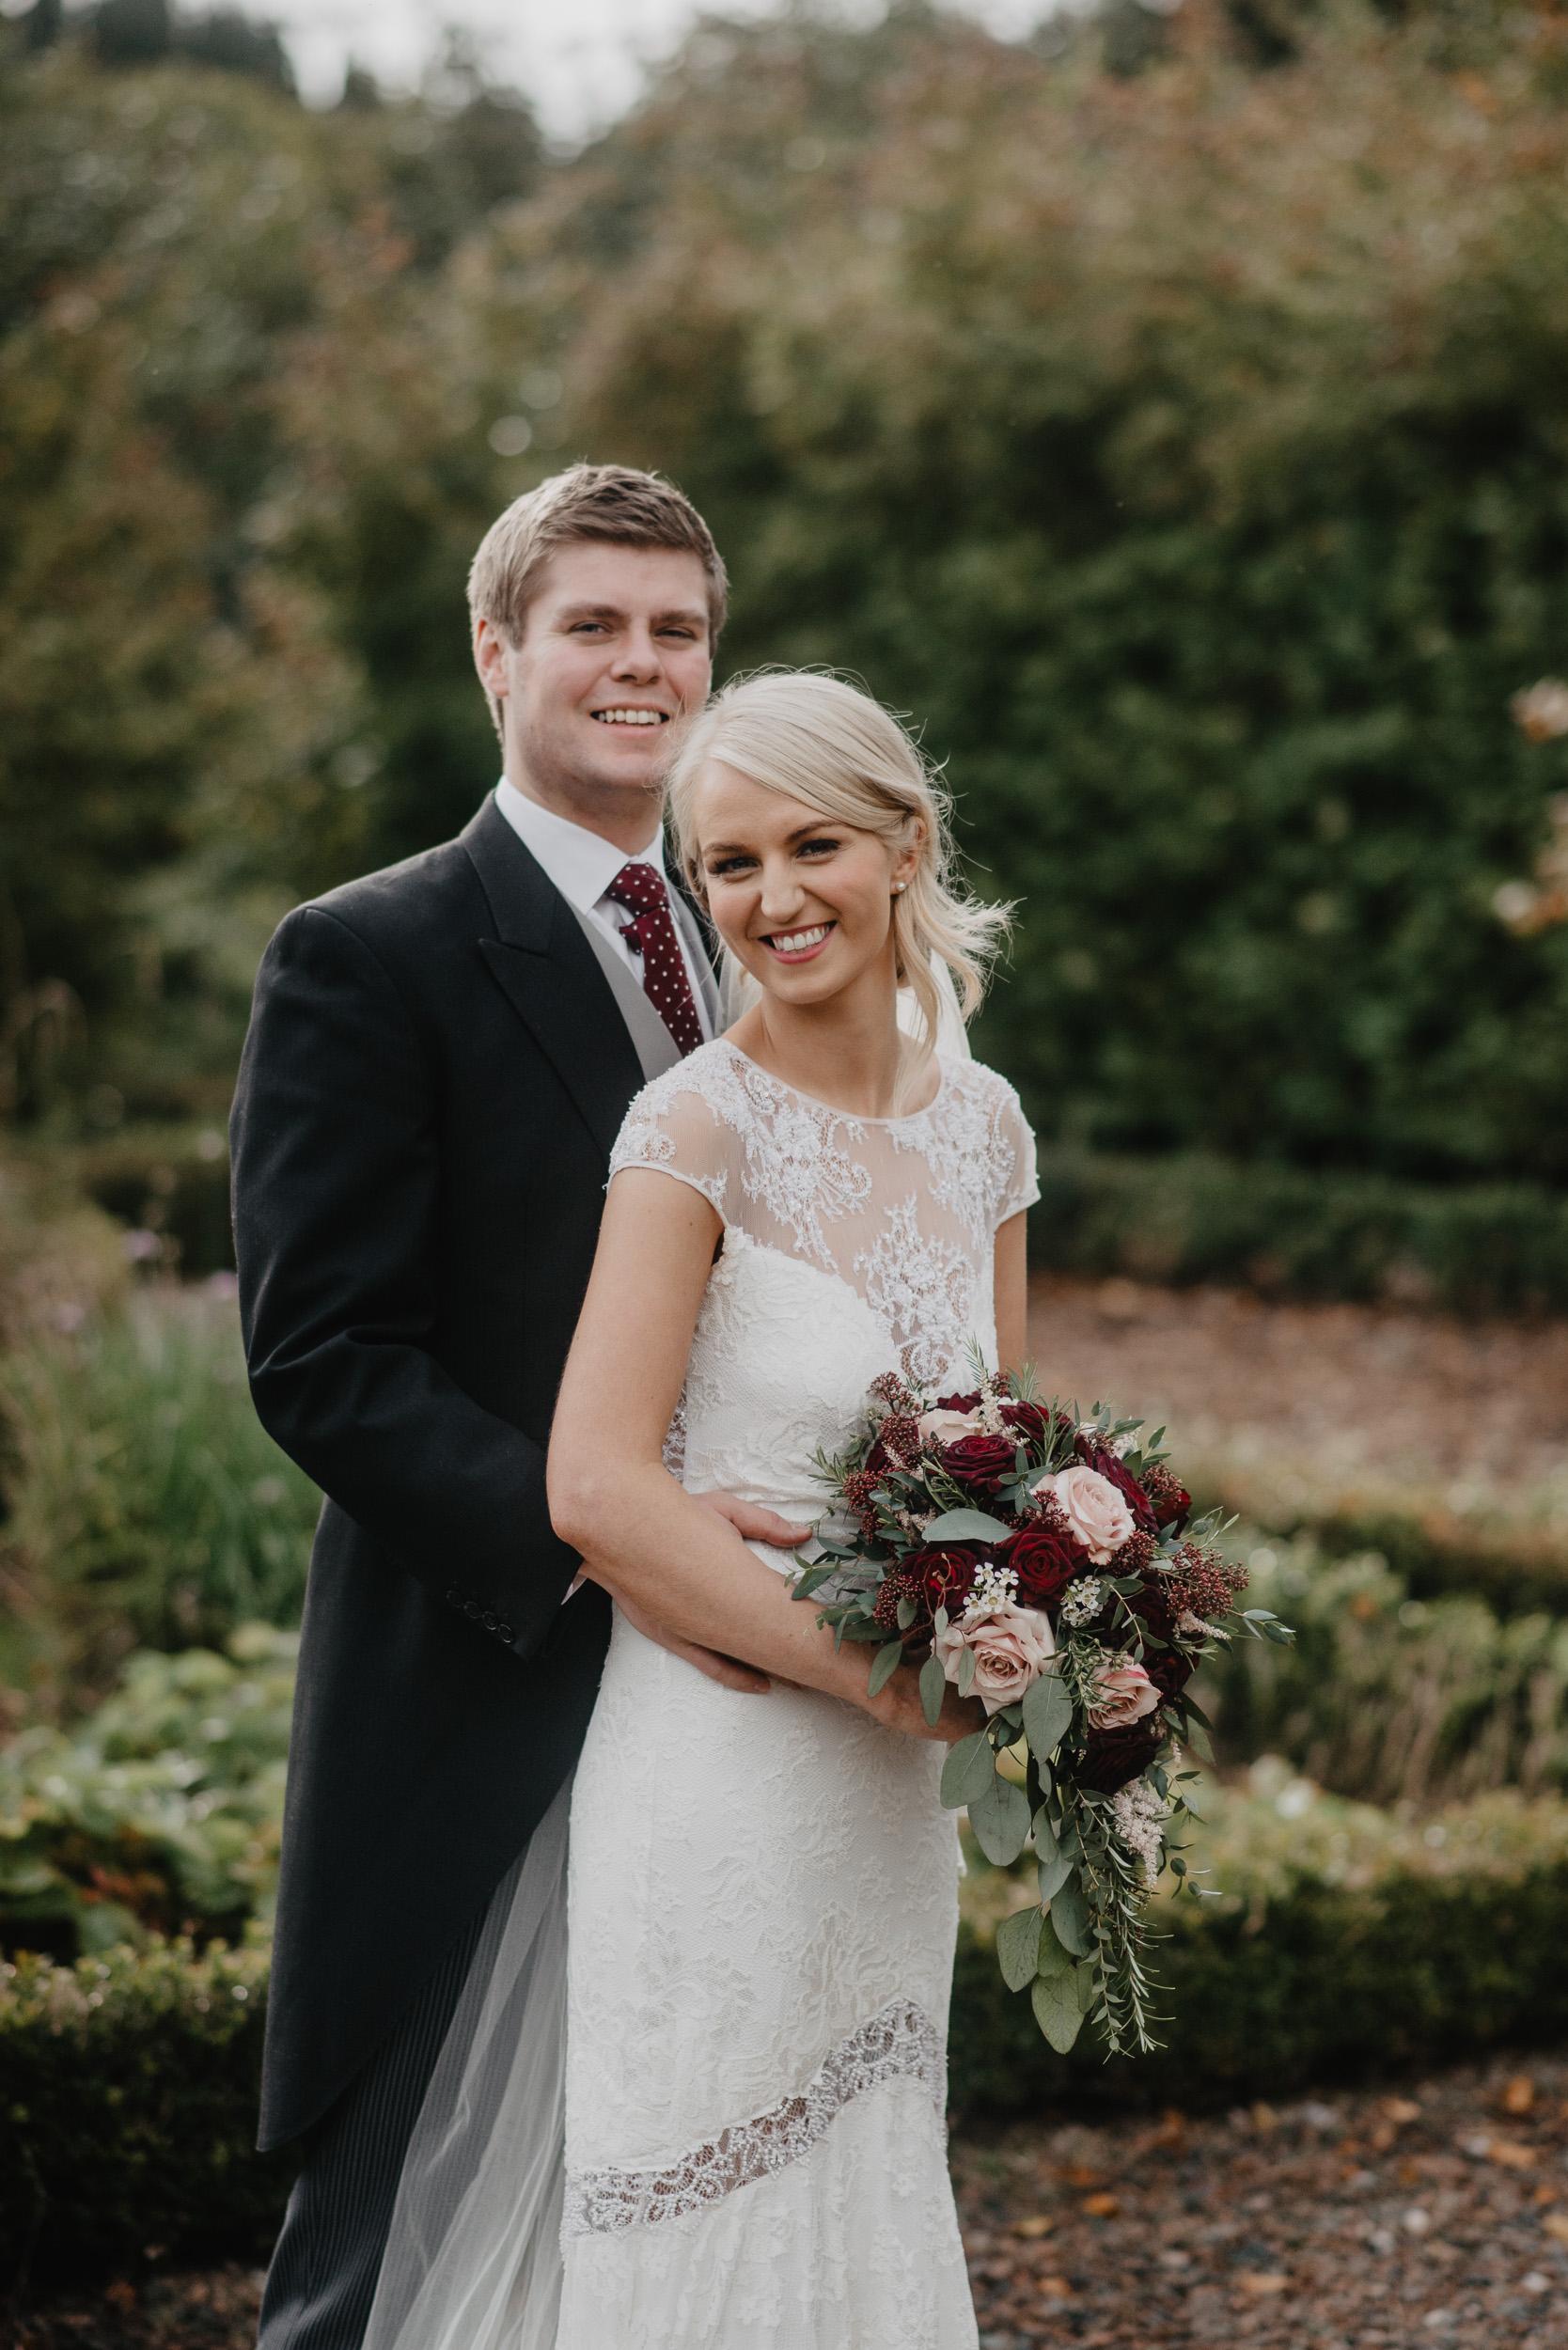 wedding photogaphy peter mackey 2018 meg-9.jpg